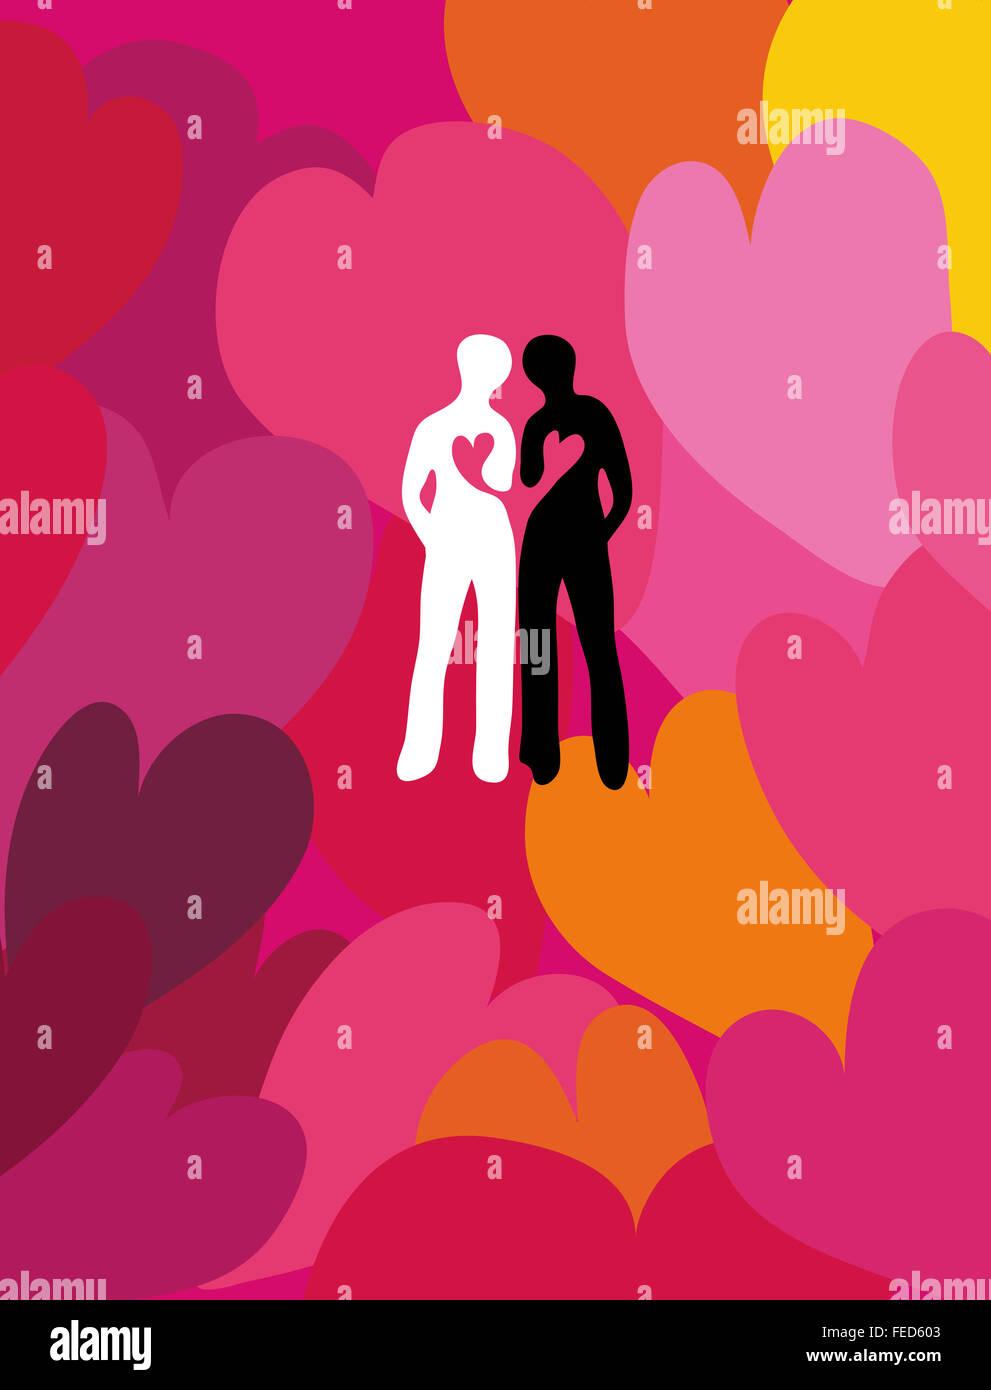 Liebevolle Freundschaft. angeschlossen Silhouetten von zwei Menschen von Herzen umgeben. Stockfoto